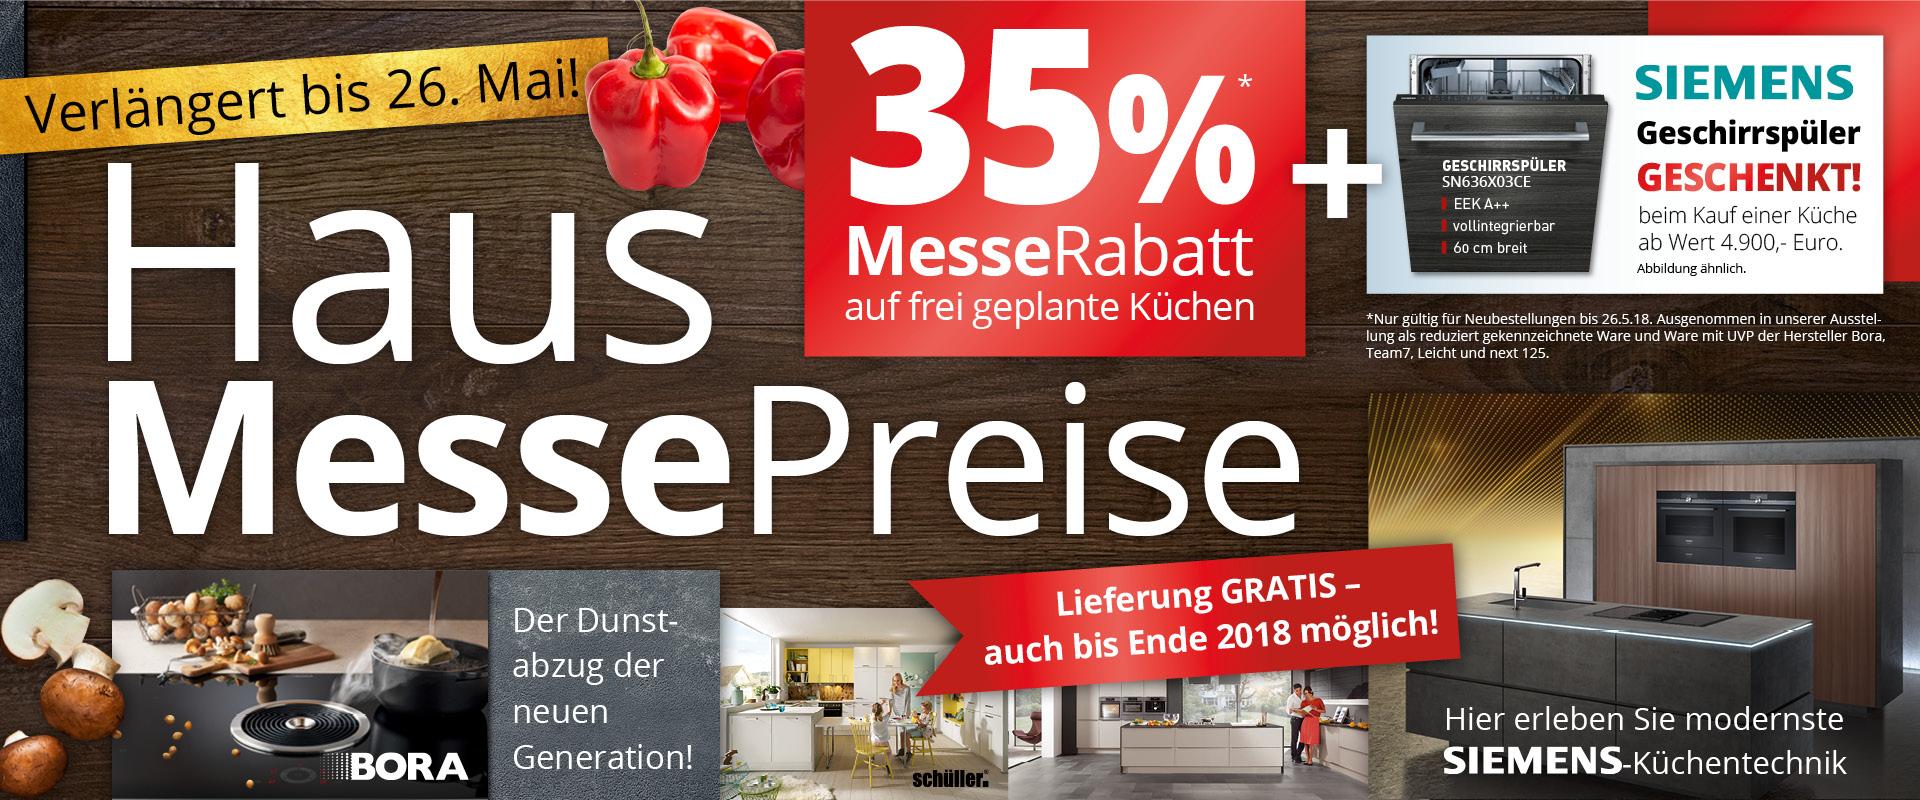 Atrium Hausmesse Slider 2 18 05 18 1 Angermuller S Atrium Kuchenwelt